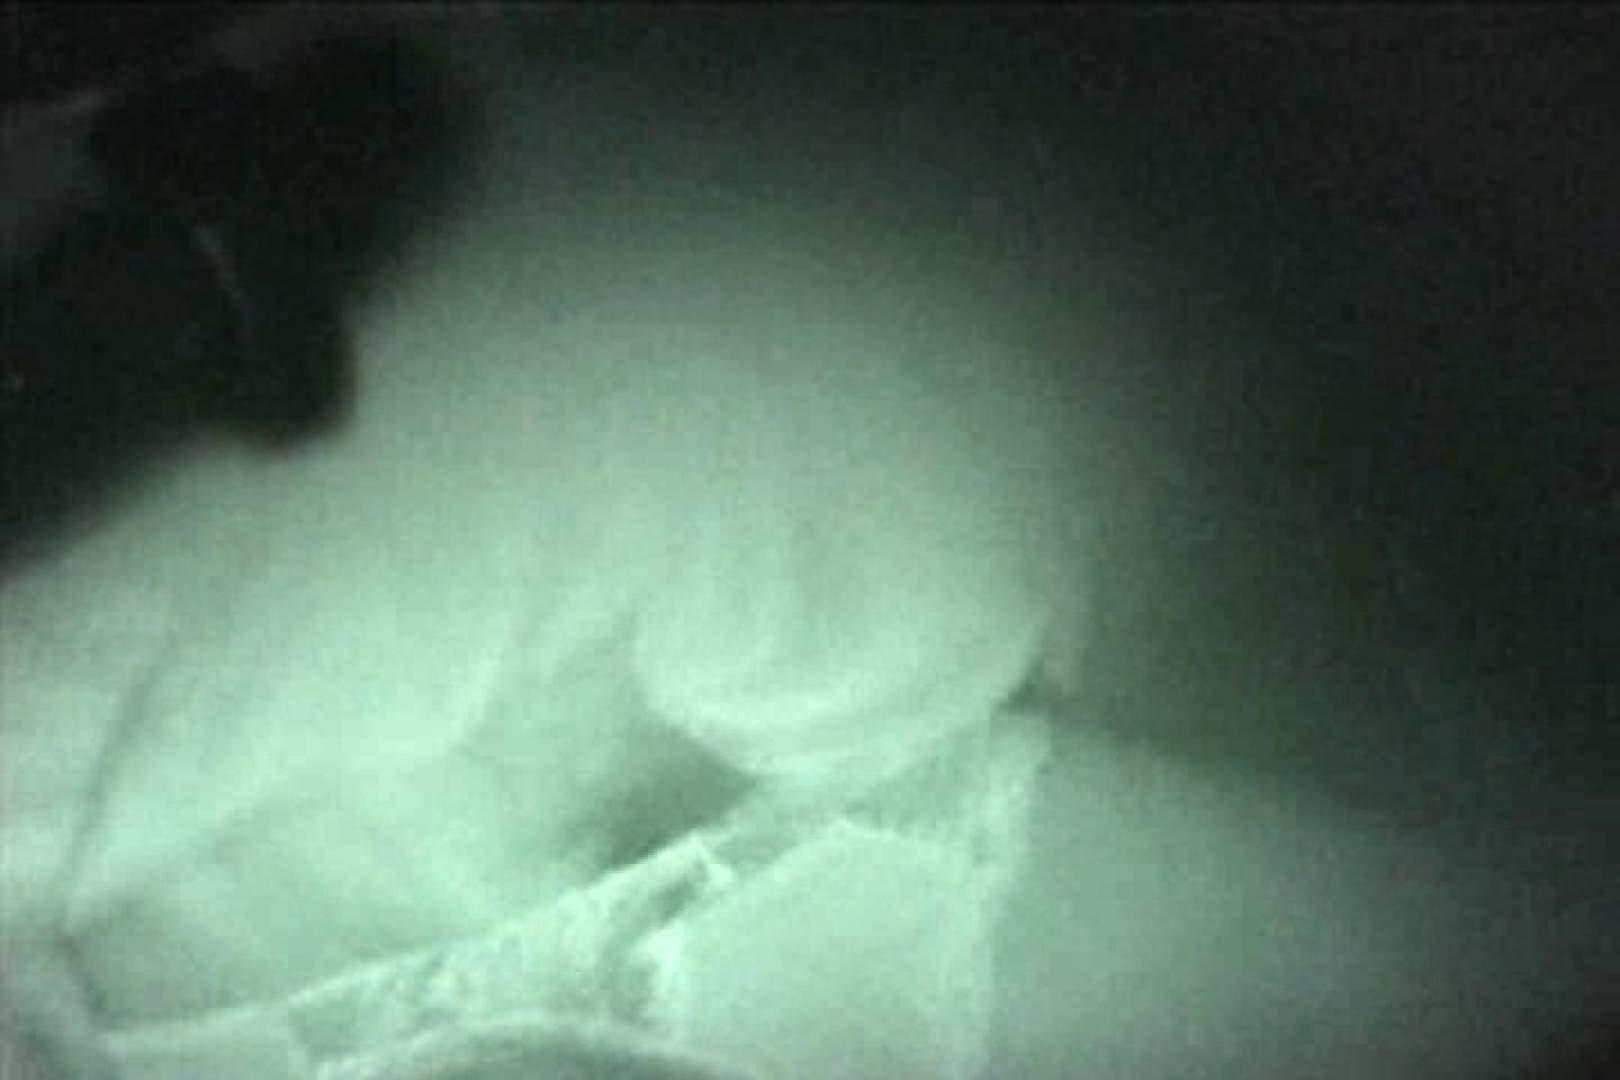 蔵出し!!赤外線カーセックスVol.1 OLセックス 覗きスケベ動画紹介 75画像 58